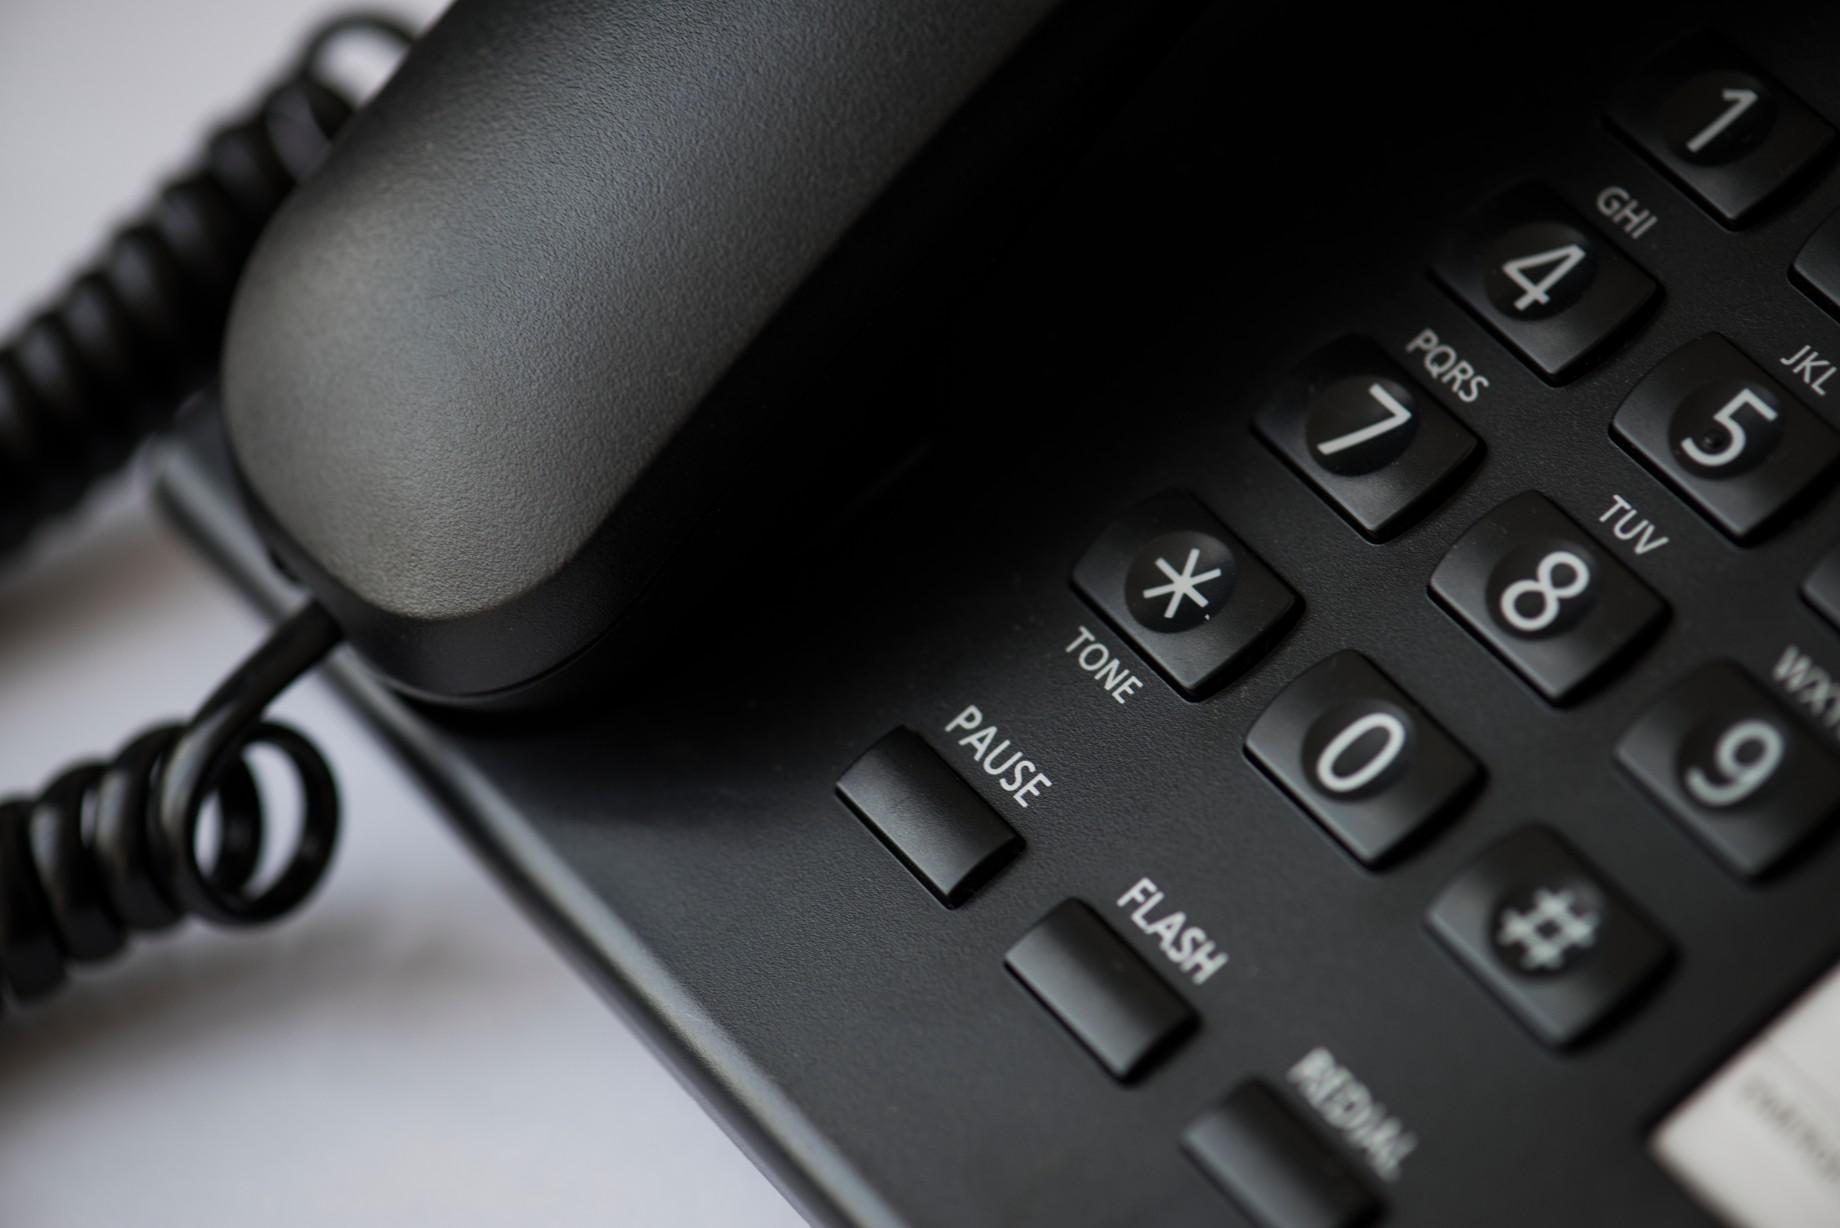 phone systems bohemia, ny